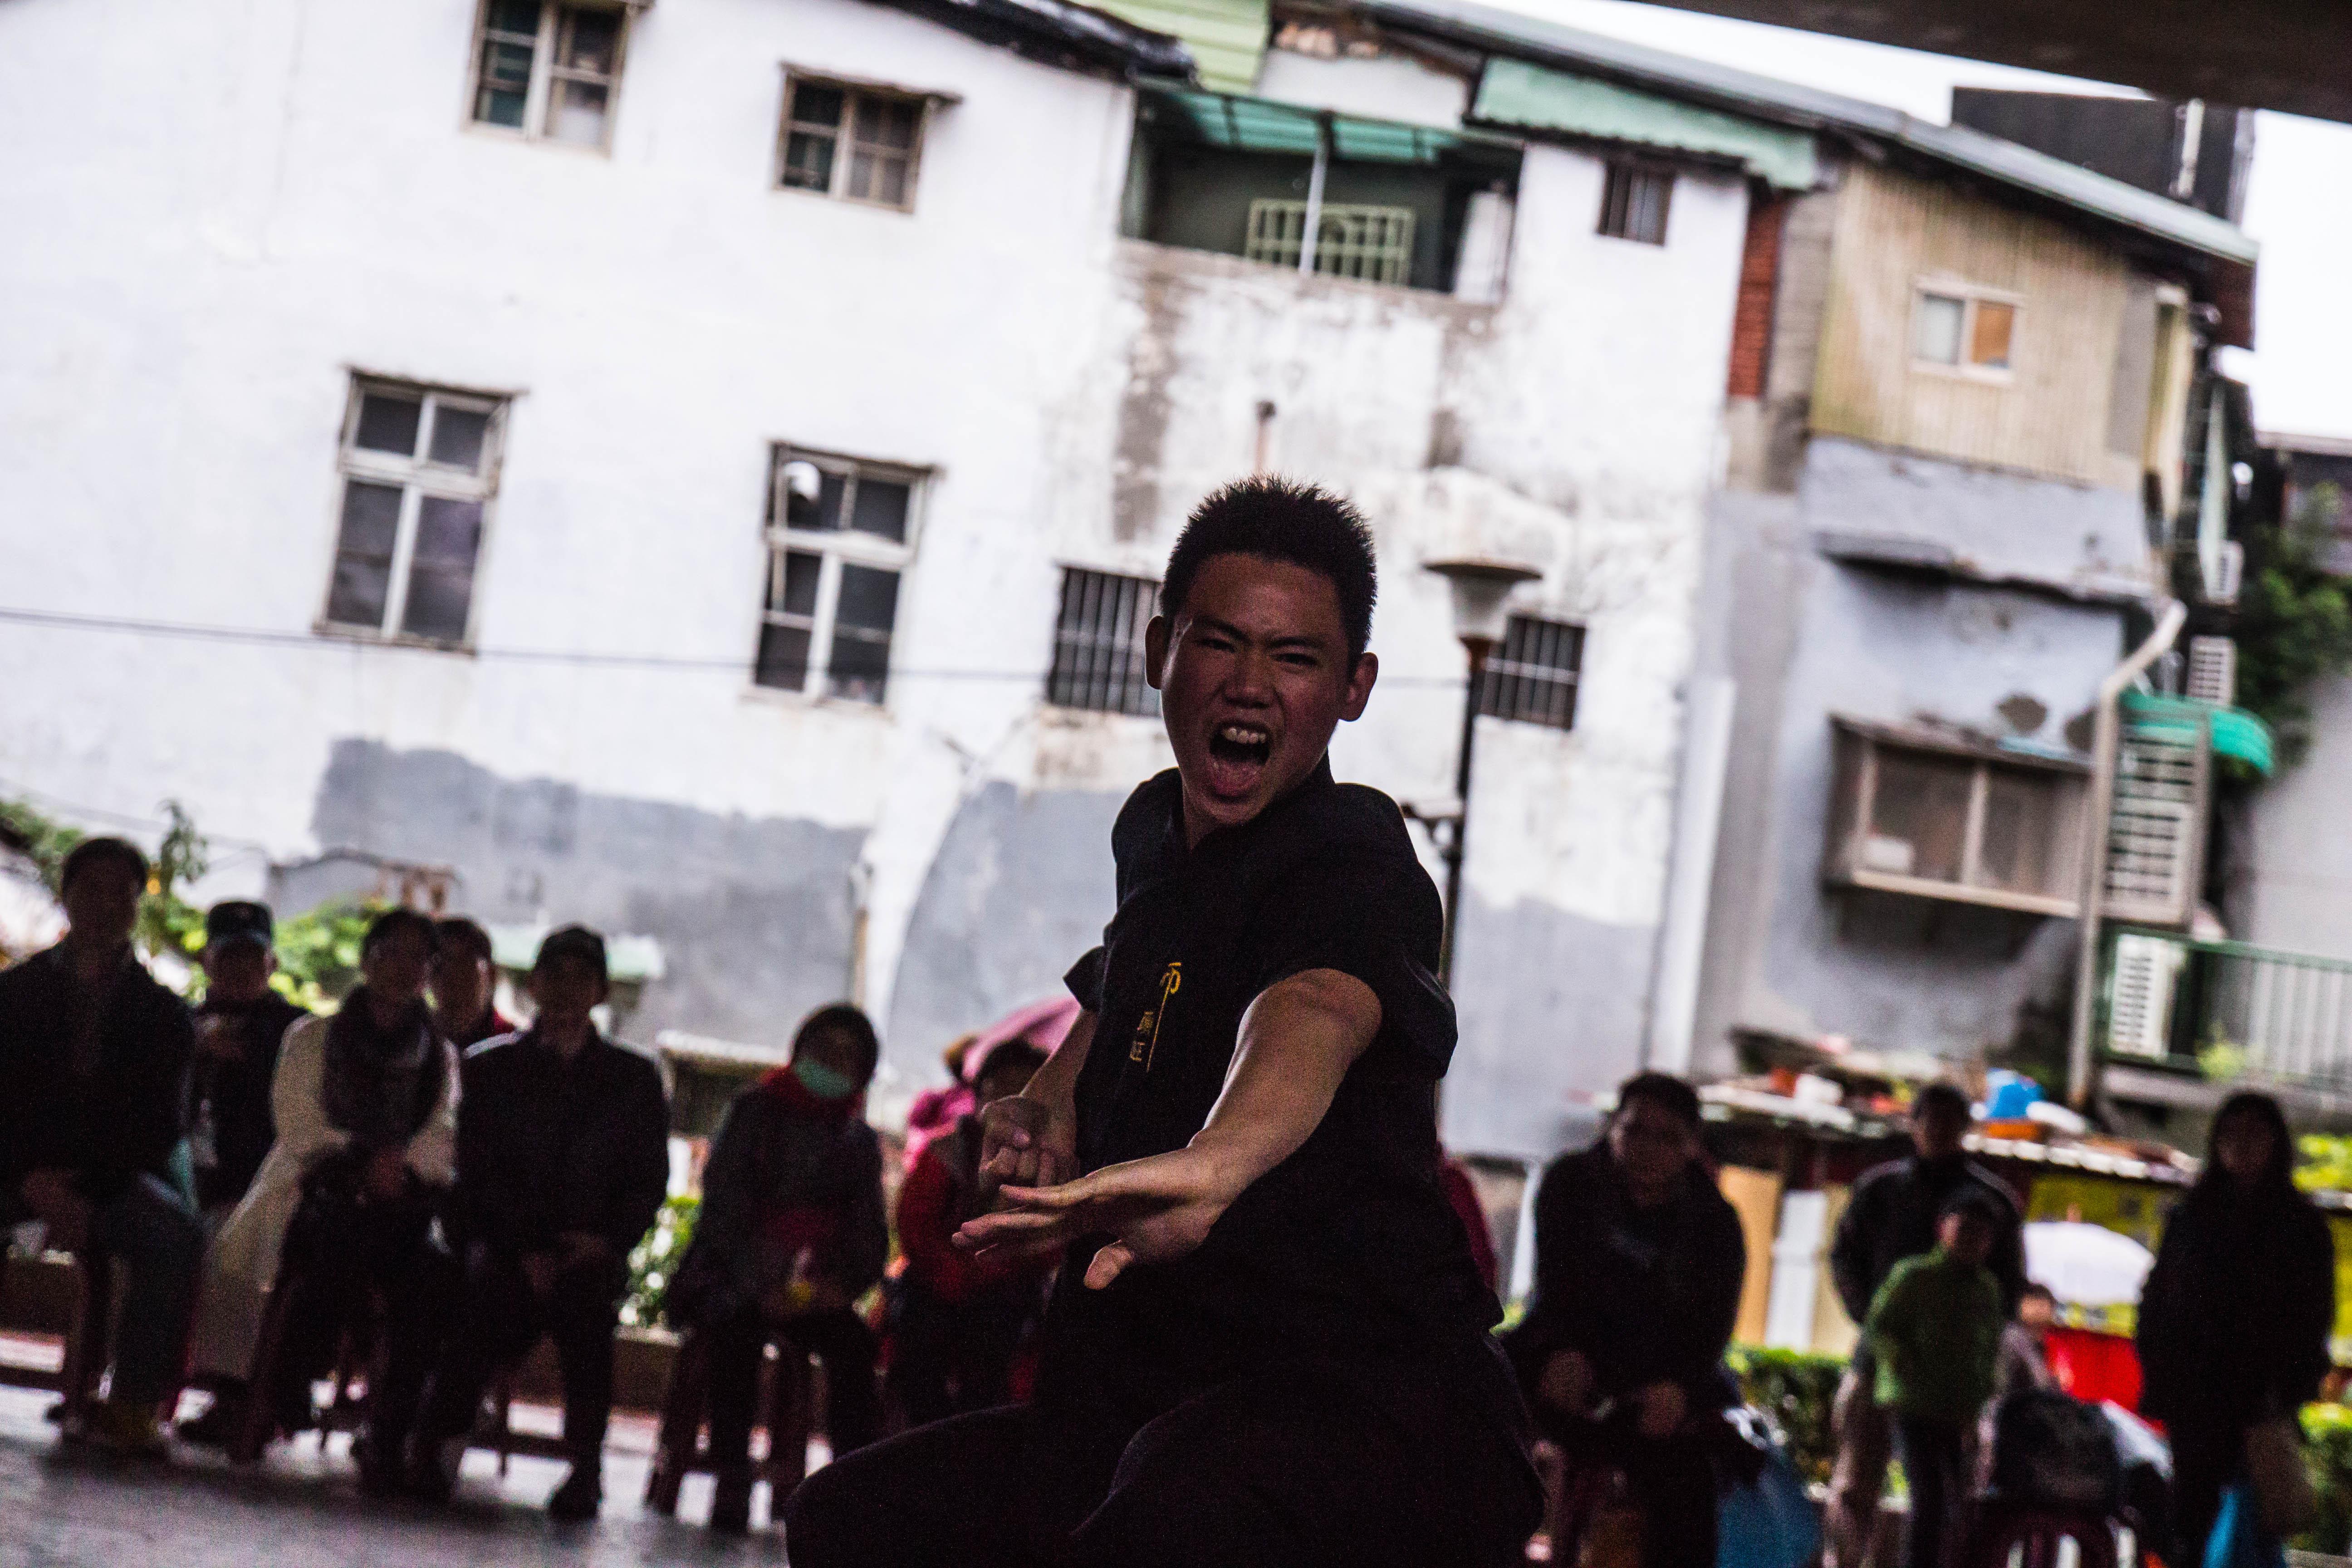 從套路演練中,看得出表演者的認真與熱情。攝影/高子涵